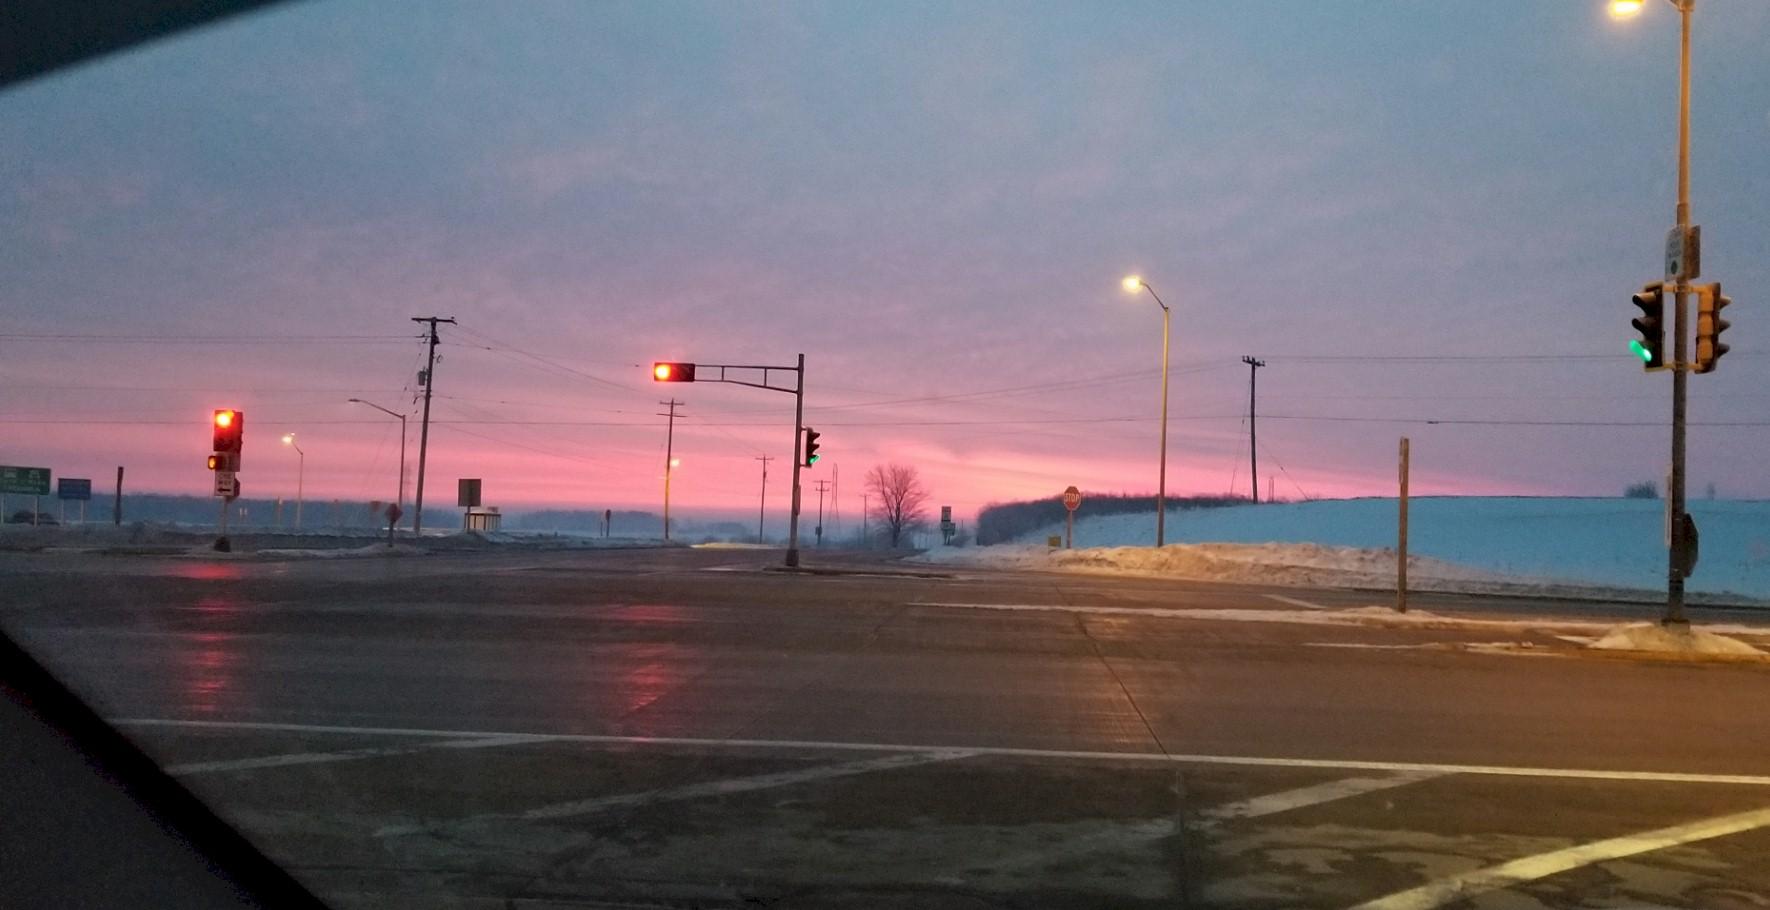 Hwy 57 in winter sunrise